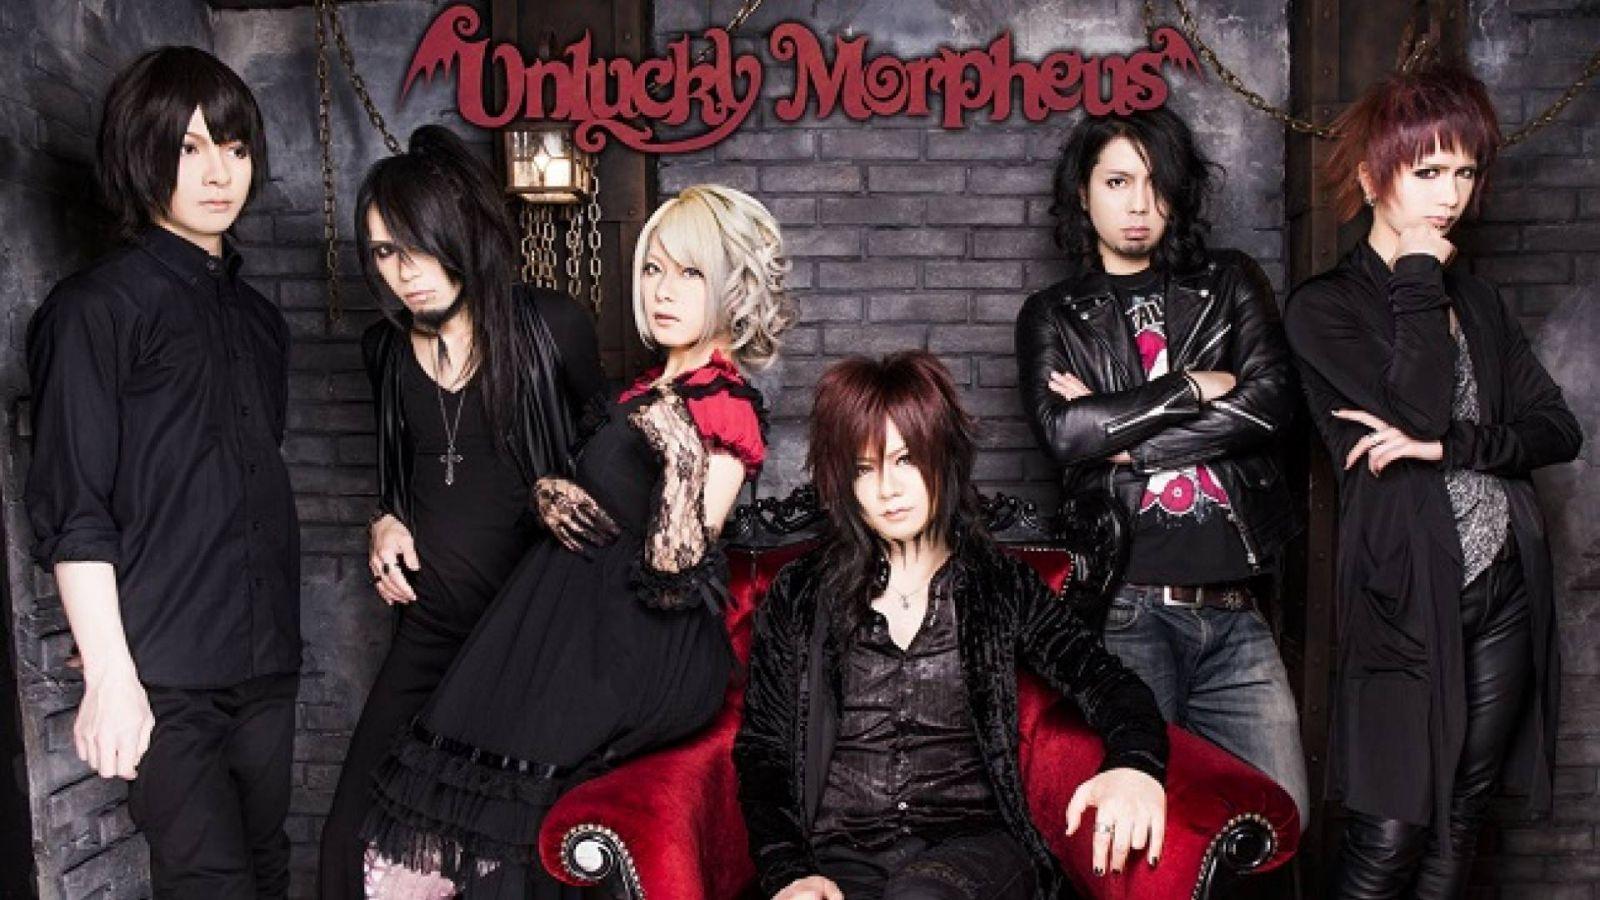 Novo álbum do Unlucky Morpheus © 2015 Unlucky Morpheus